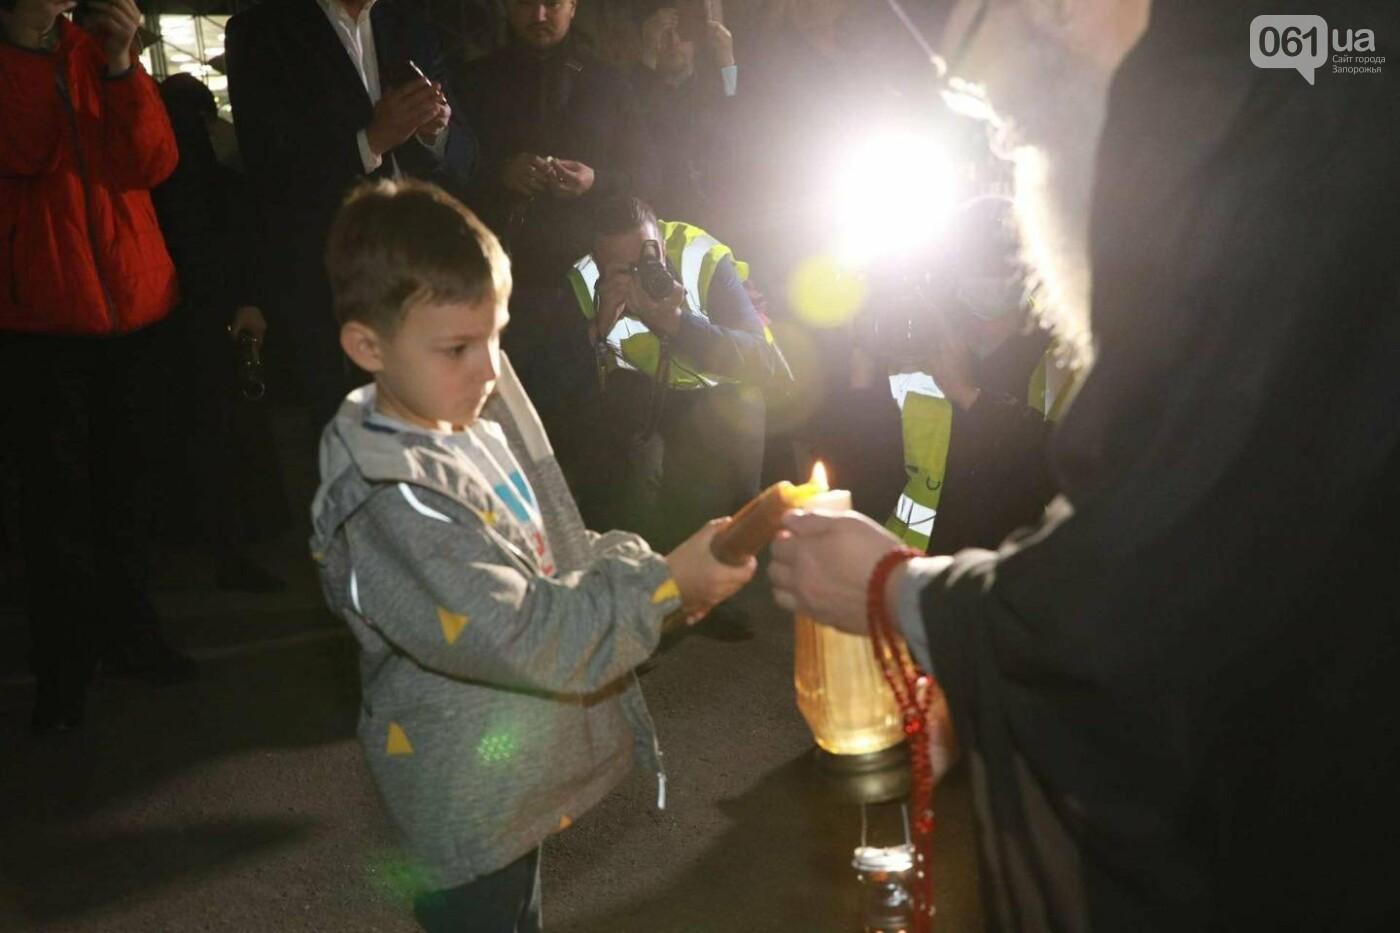 В Запорожье доставили Благодатный огонь из Иерусалима , фото-1